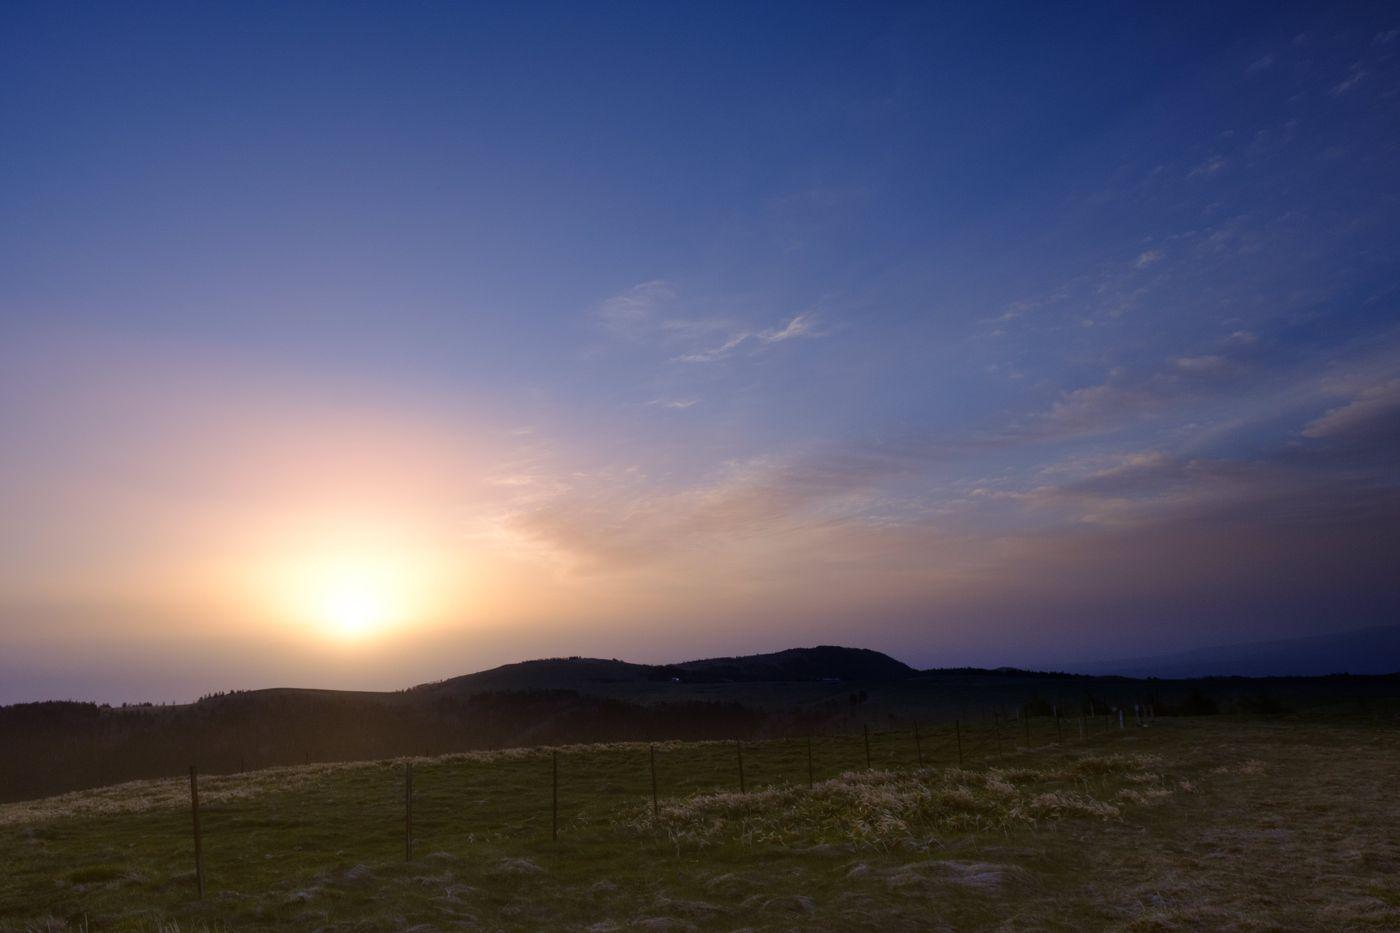 日が暮れる直前の美ヶ原高原の写真